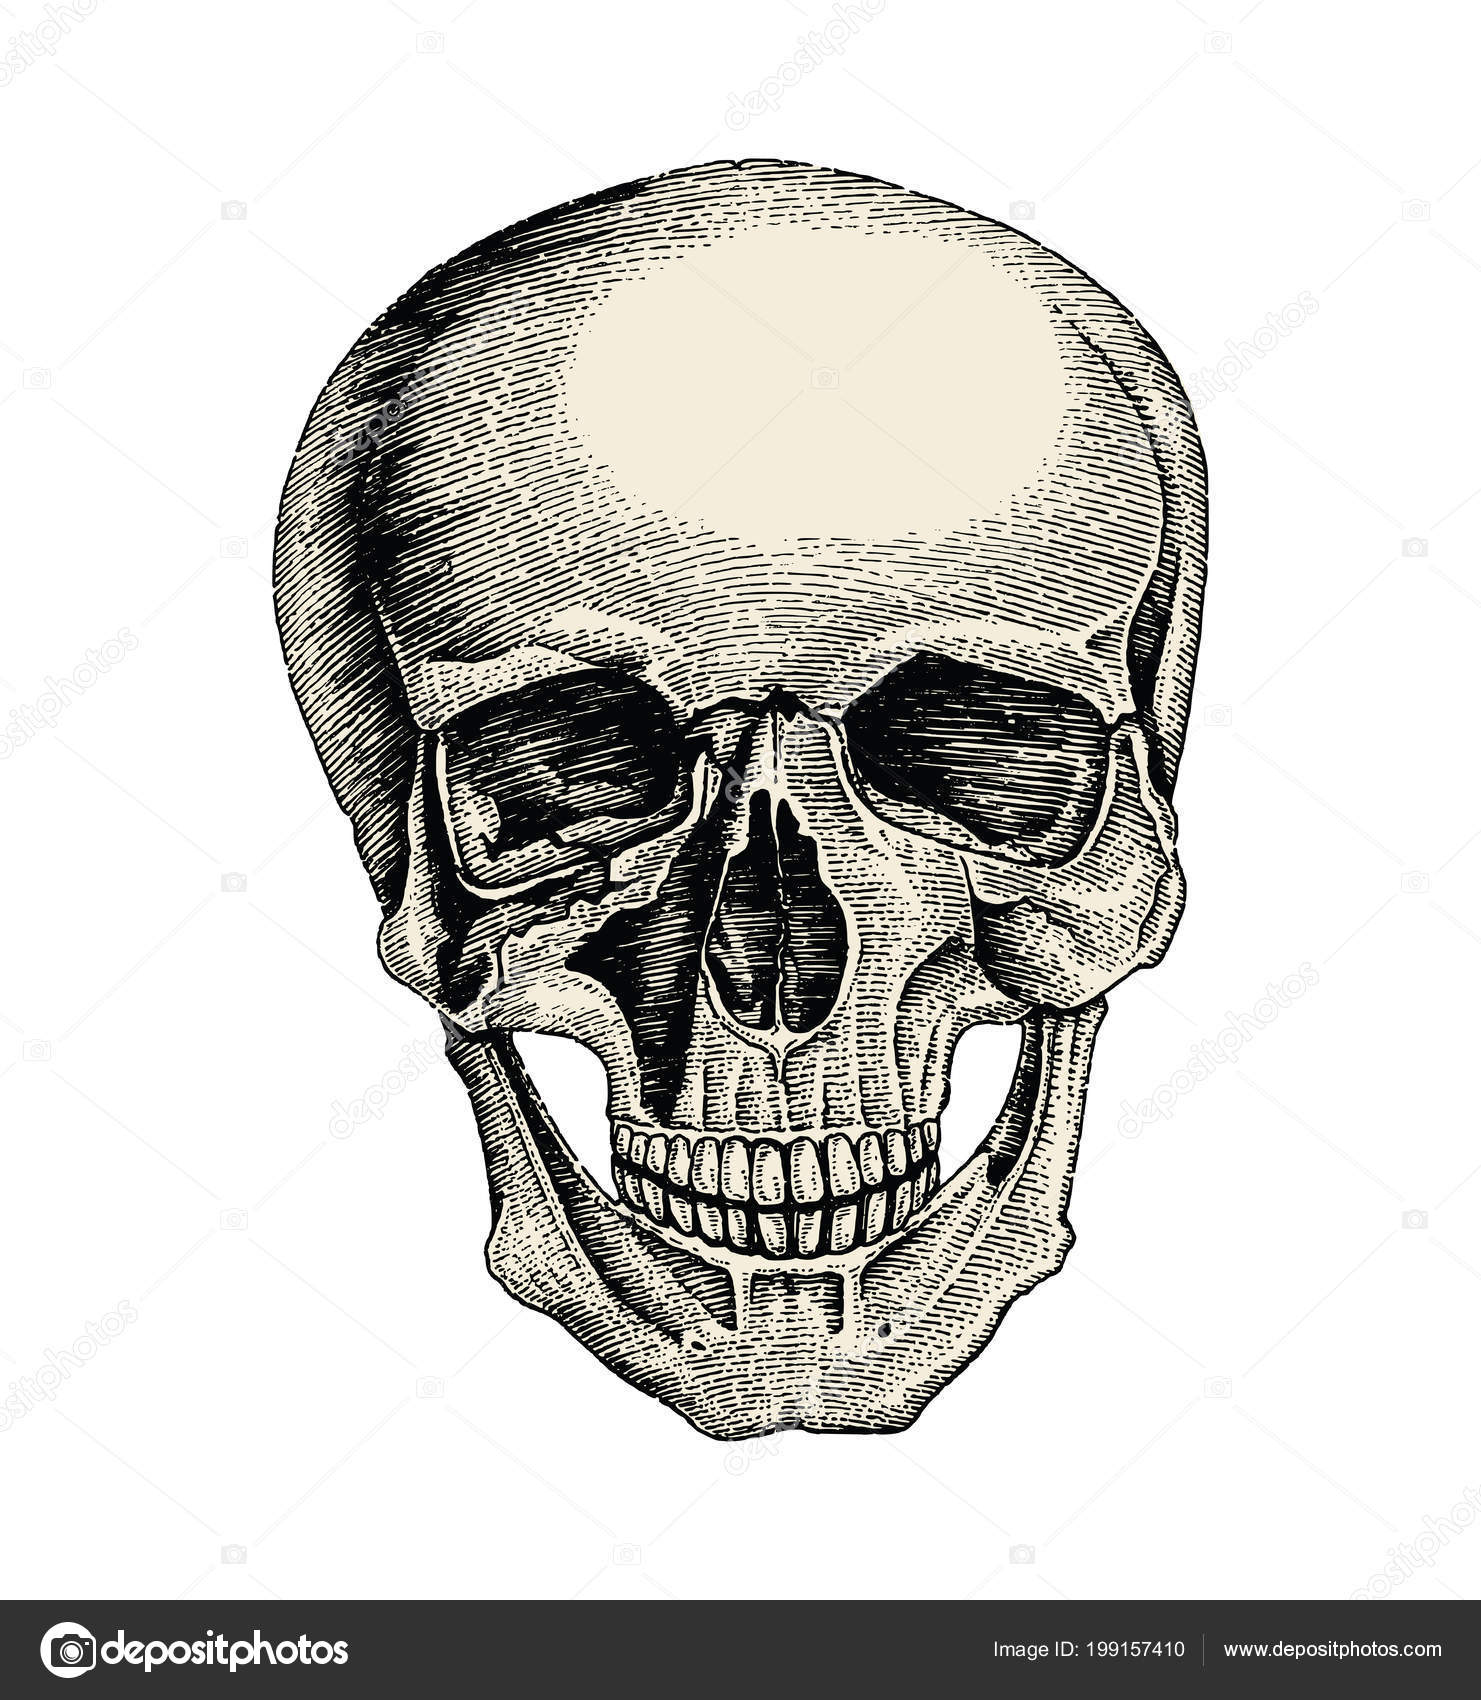 Cráneo Humano Dibujo Vintage Estilo Anatomía Del Cráneo — Foto de ...